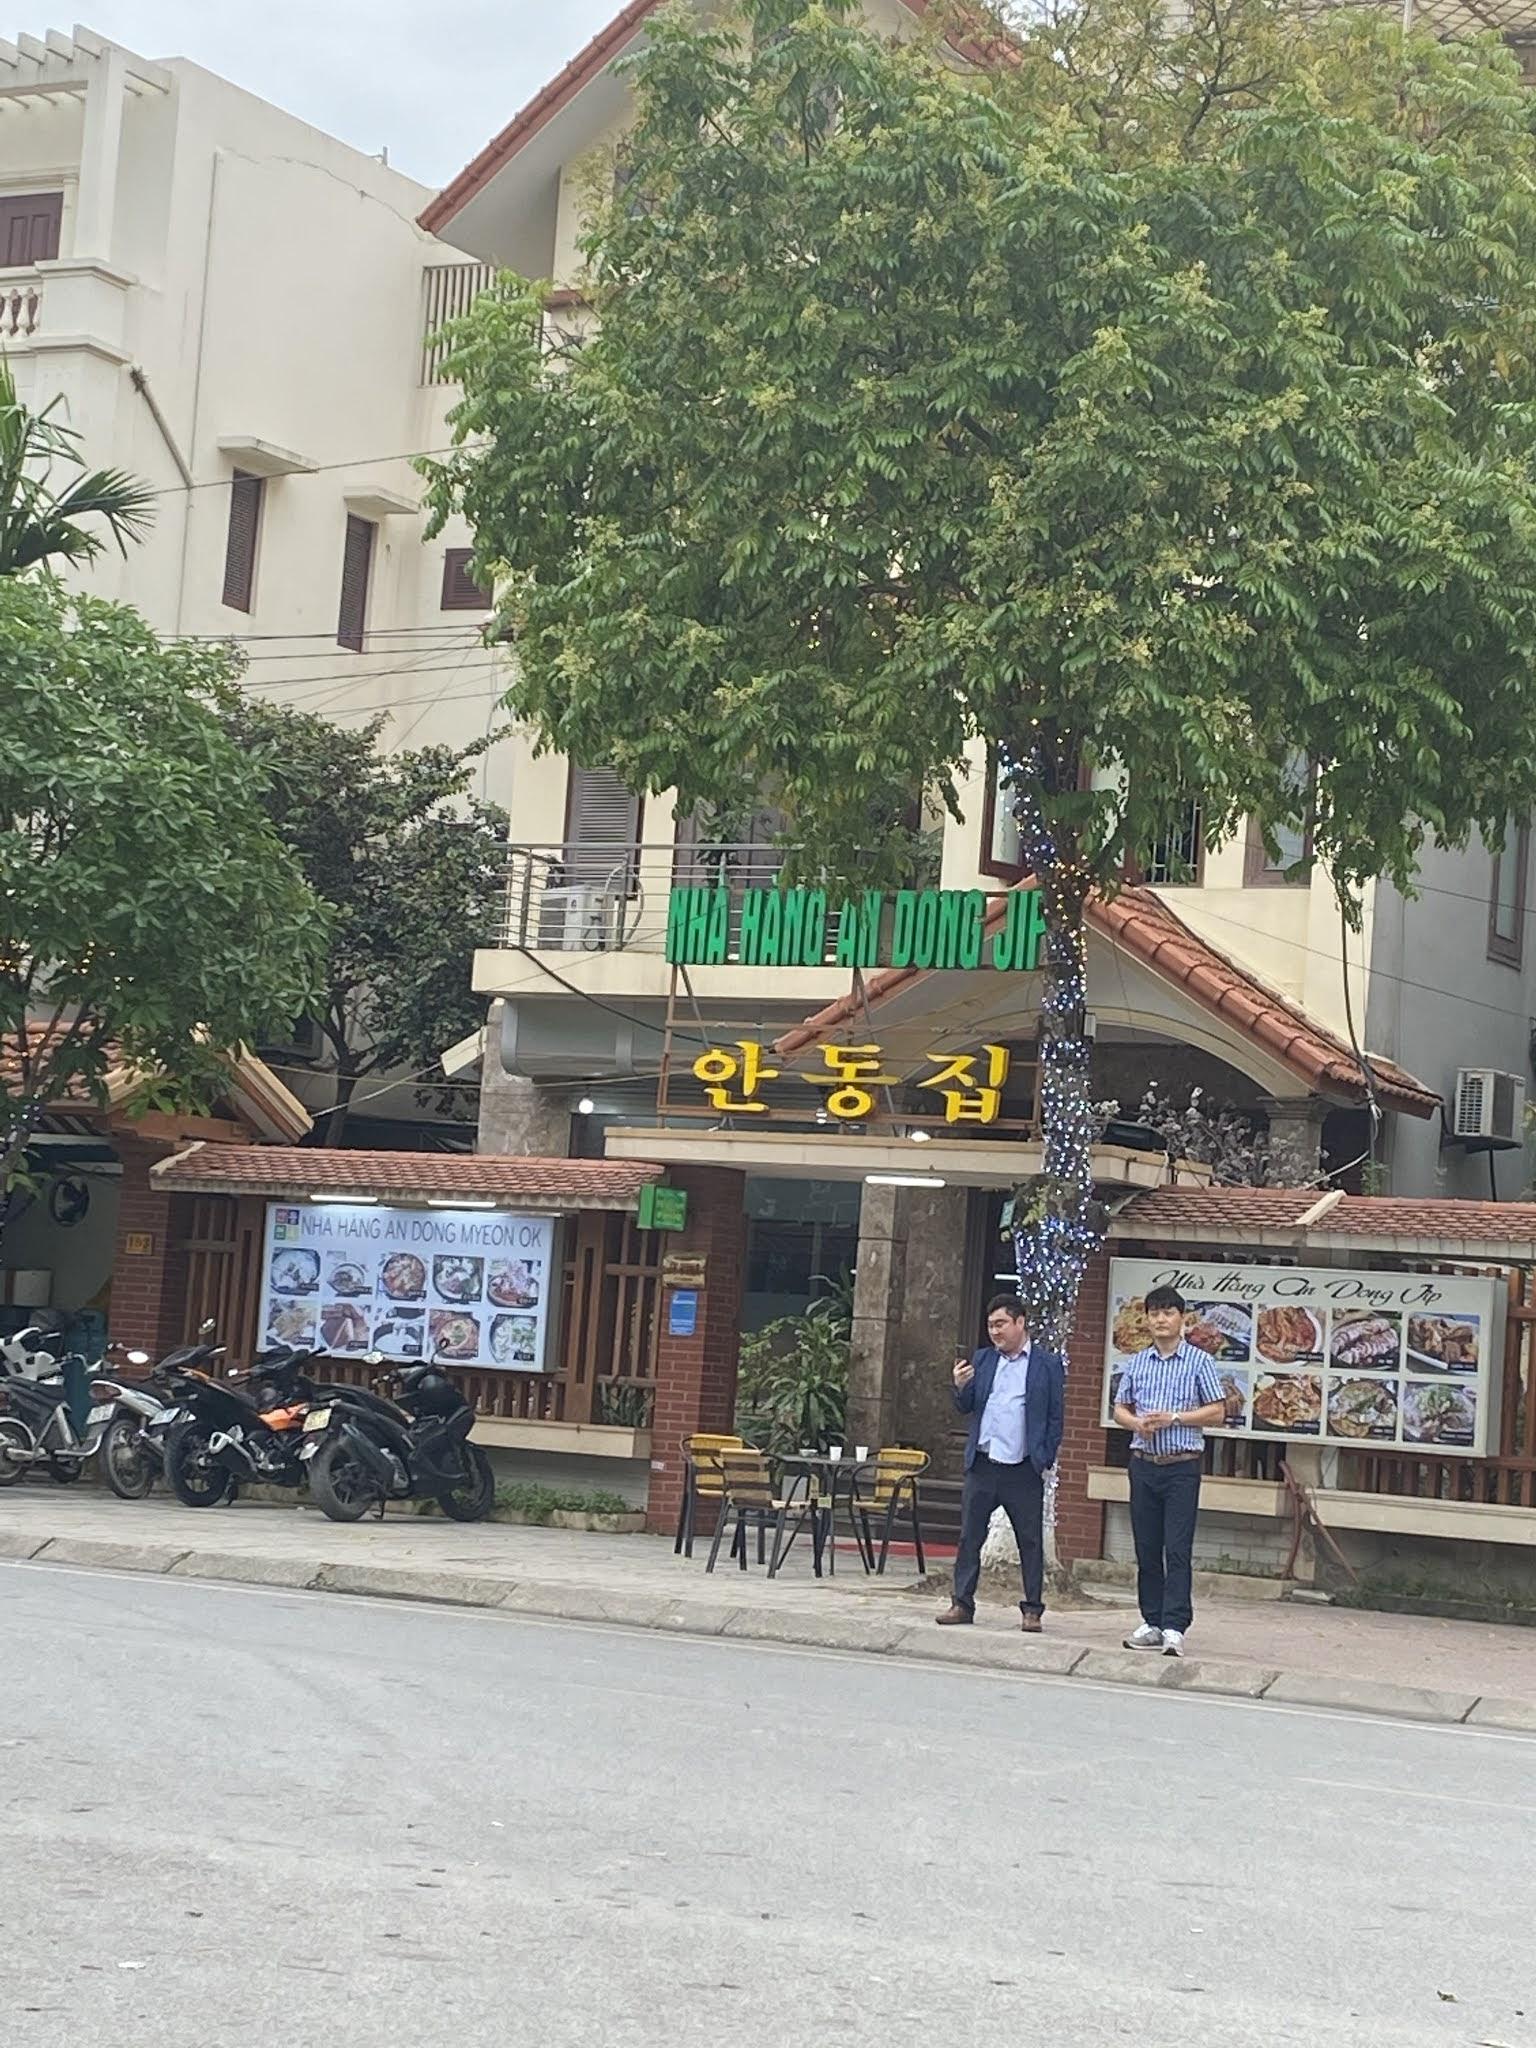 Nhà hàng an dong jip võ cường thành phố bắc ninh